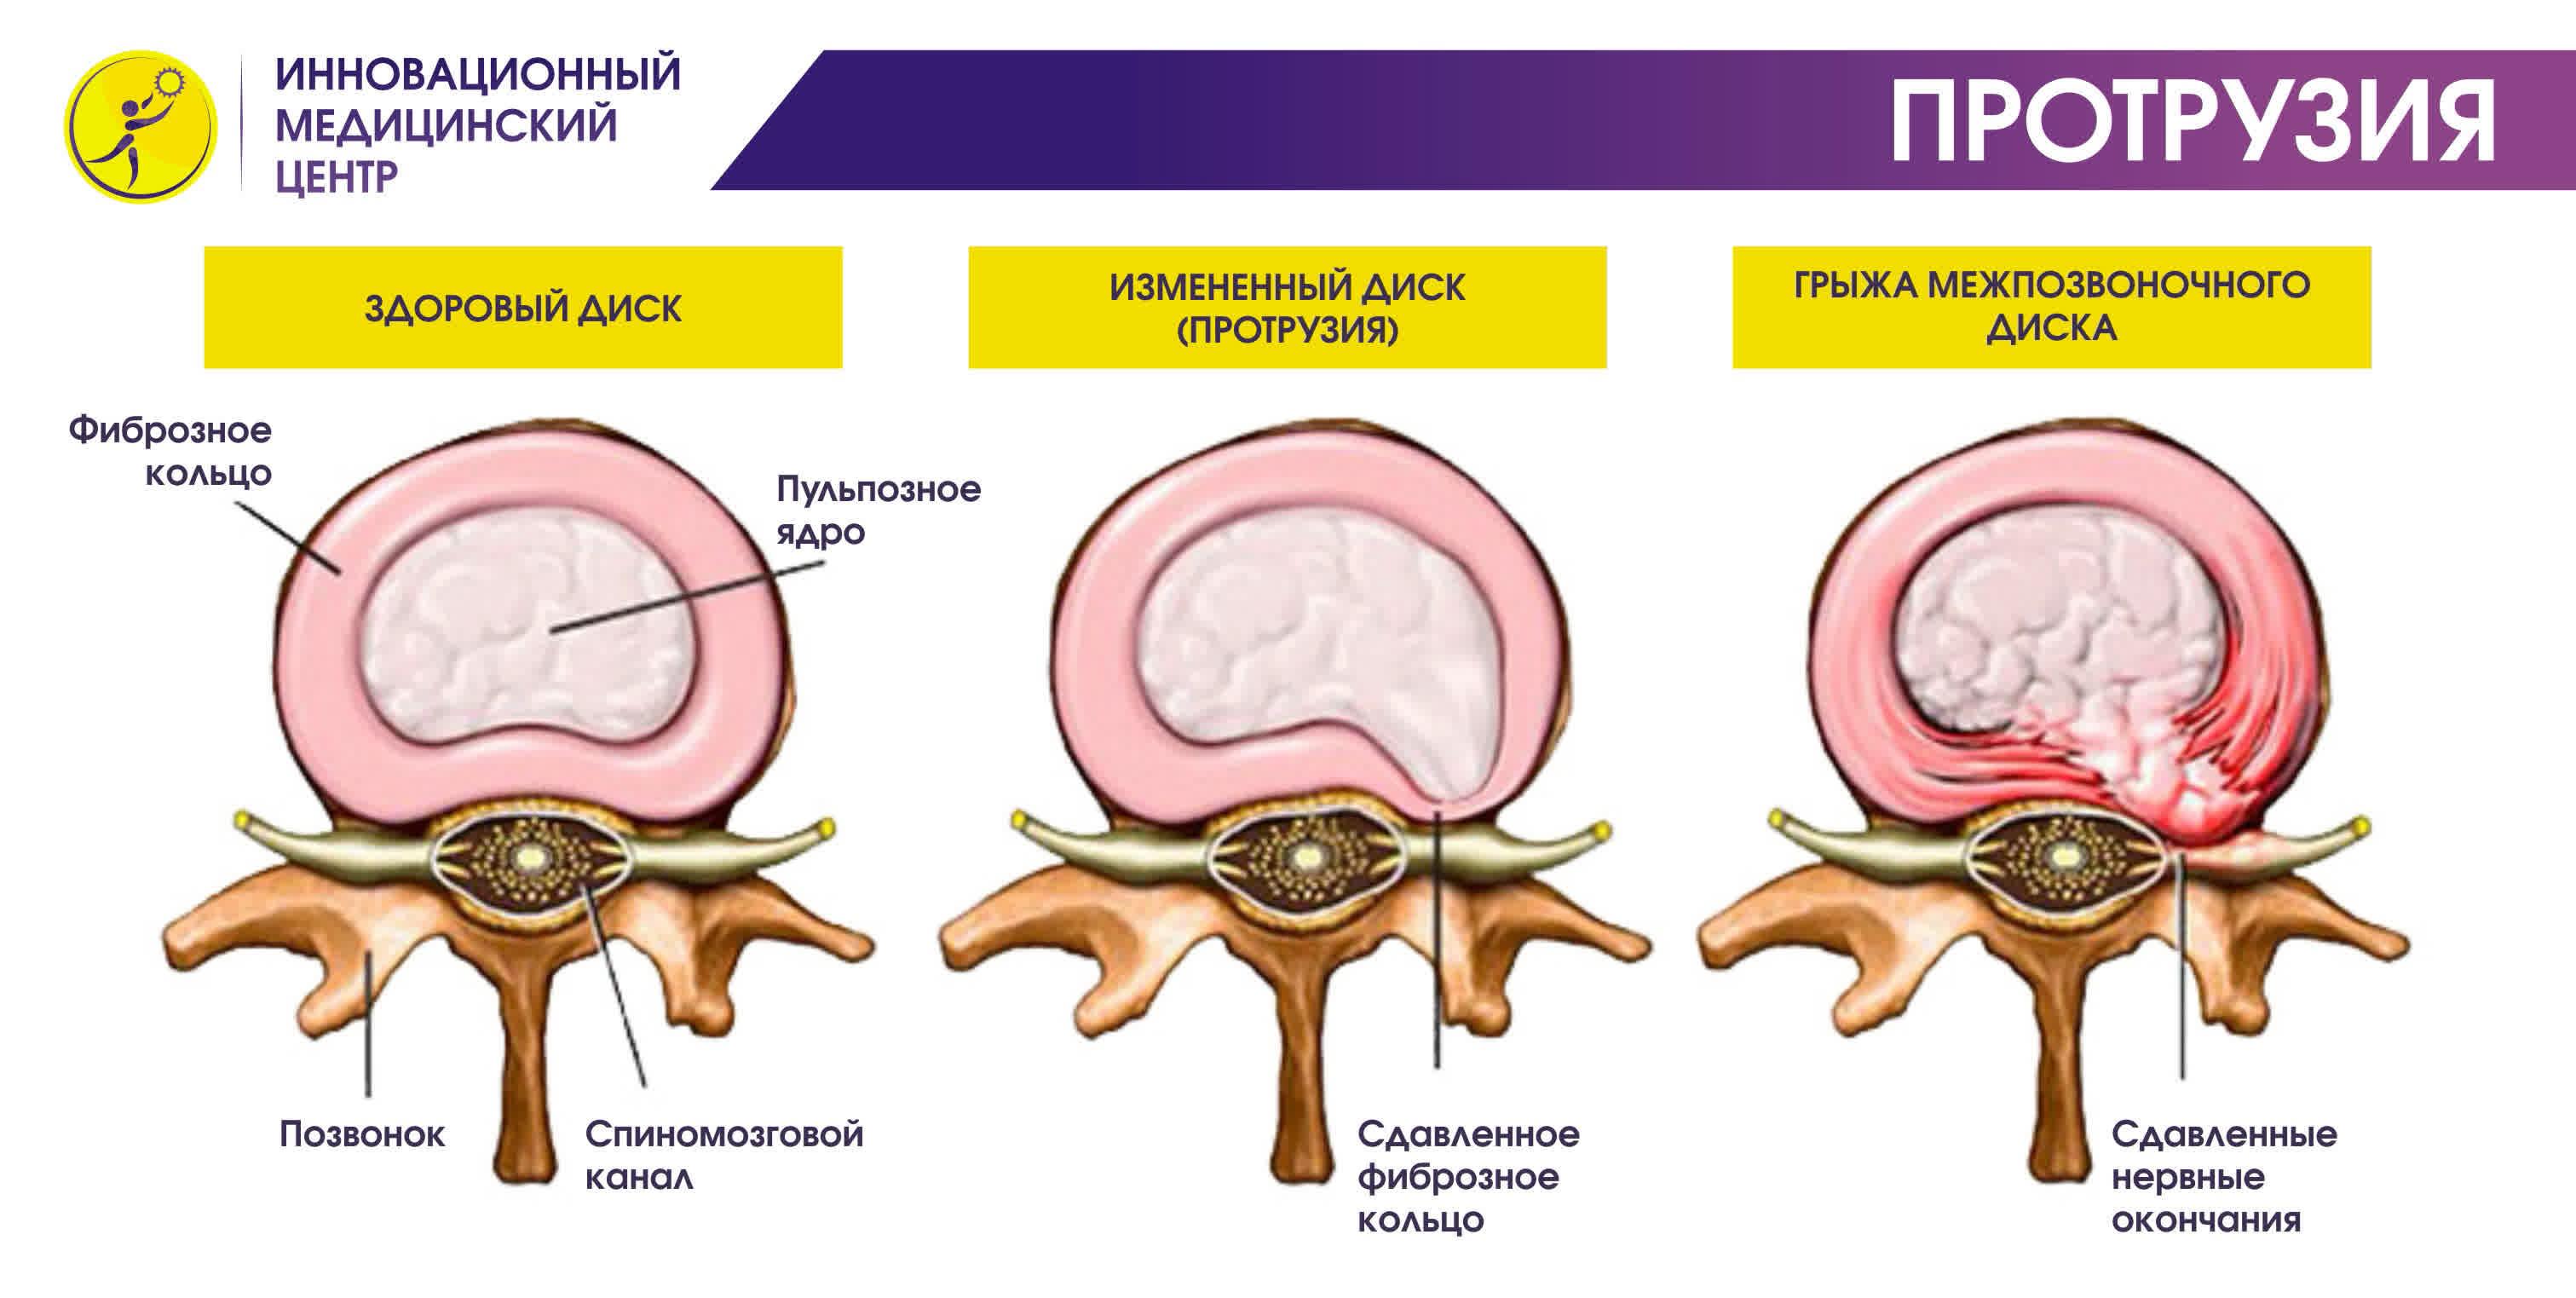 Протрузия шейного отдела - причины, симтомы, лечение, диагностика